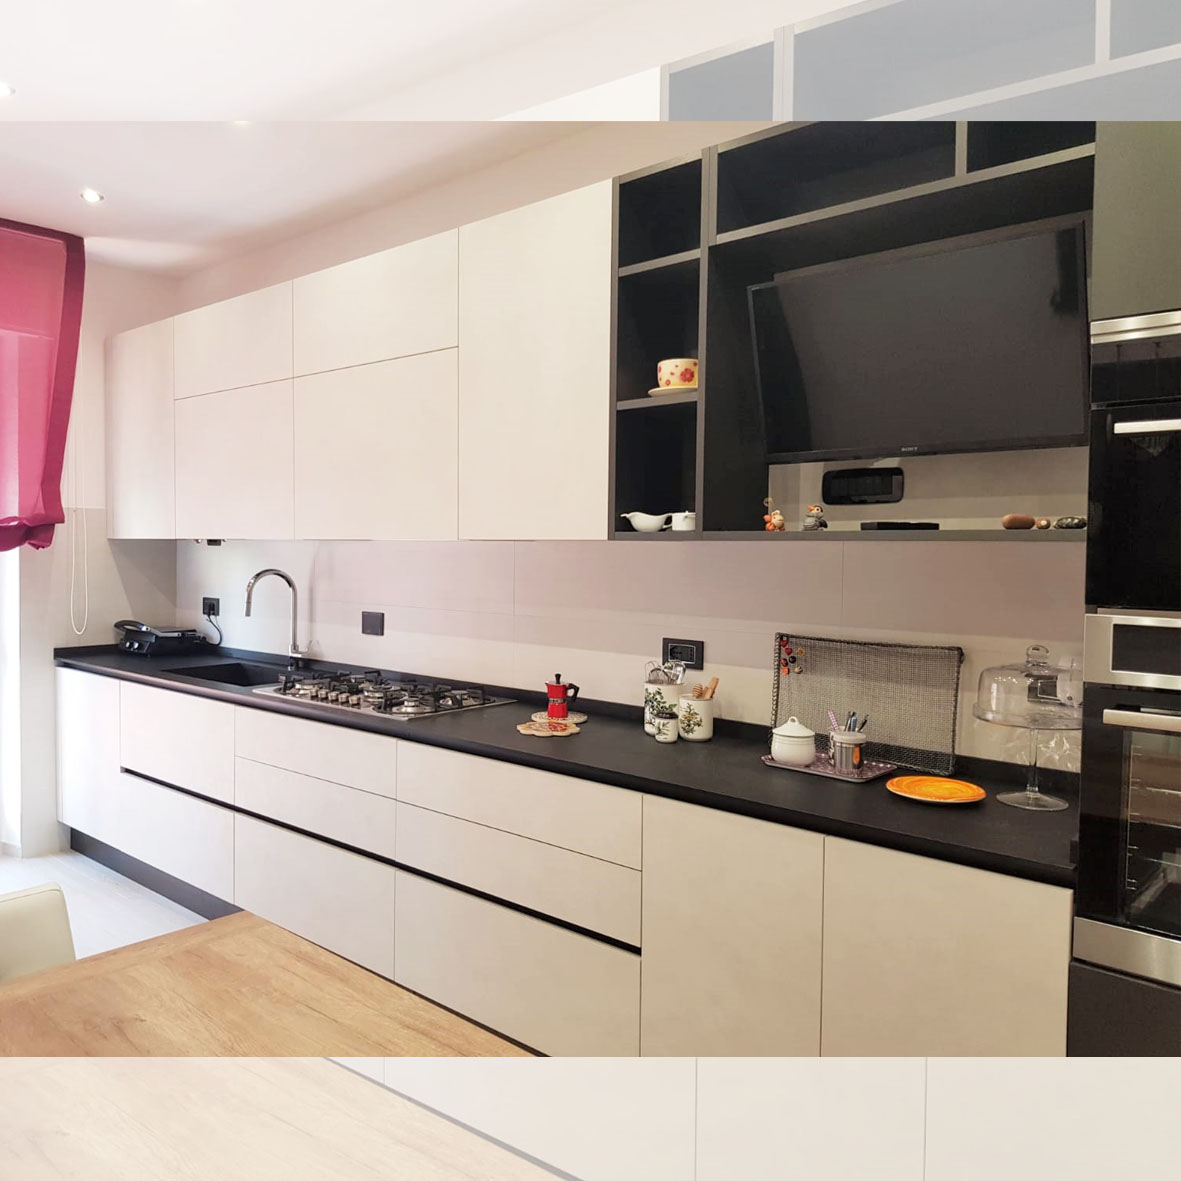 centro dell'arredamento-savona-cucina-b 50-berloni